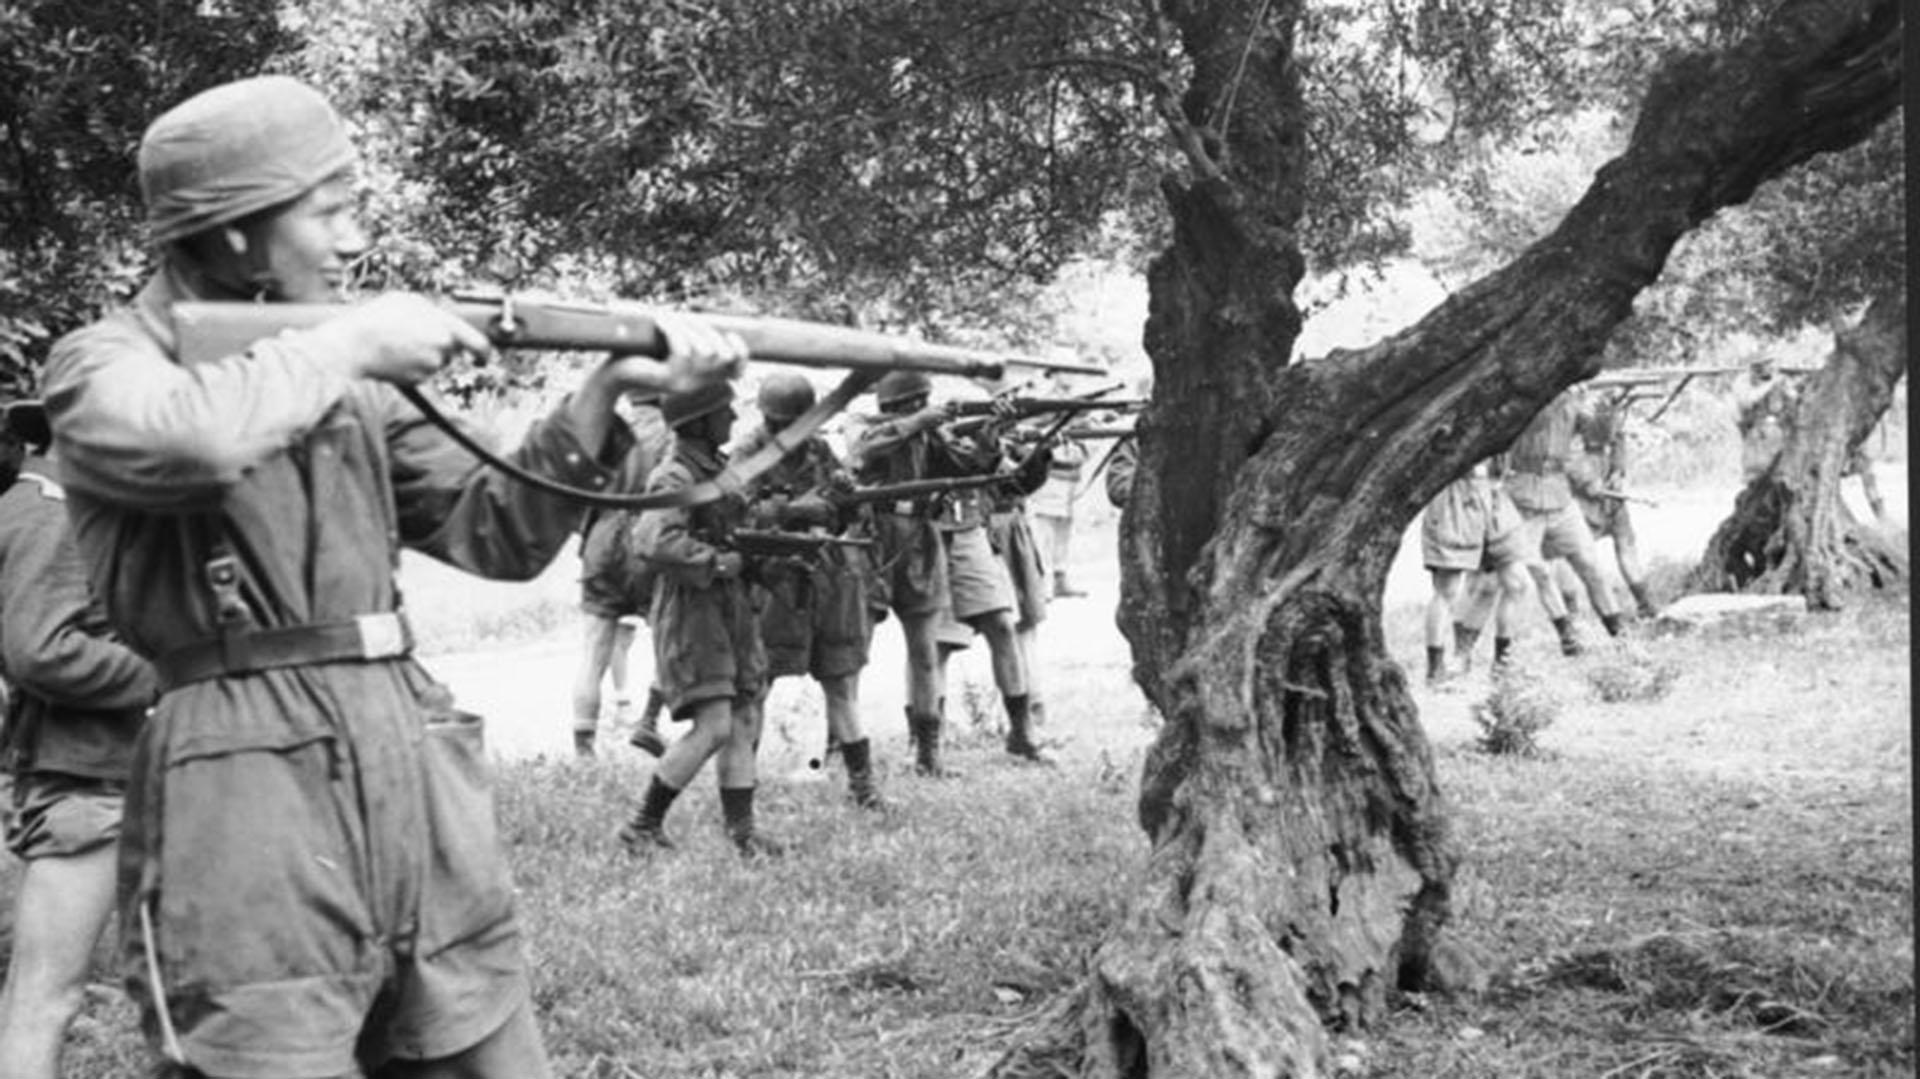 Los paracaidistas alemanes fusilaron a centenares de cretenses tras la batalla de Creta en represalia por la gran resistencia de los habitantes locales a la ocupación Nazi de la isla.